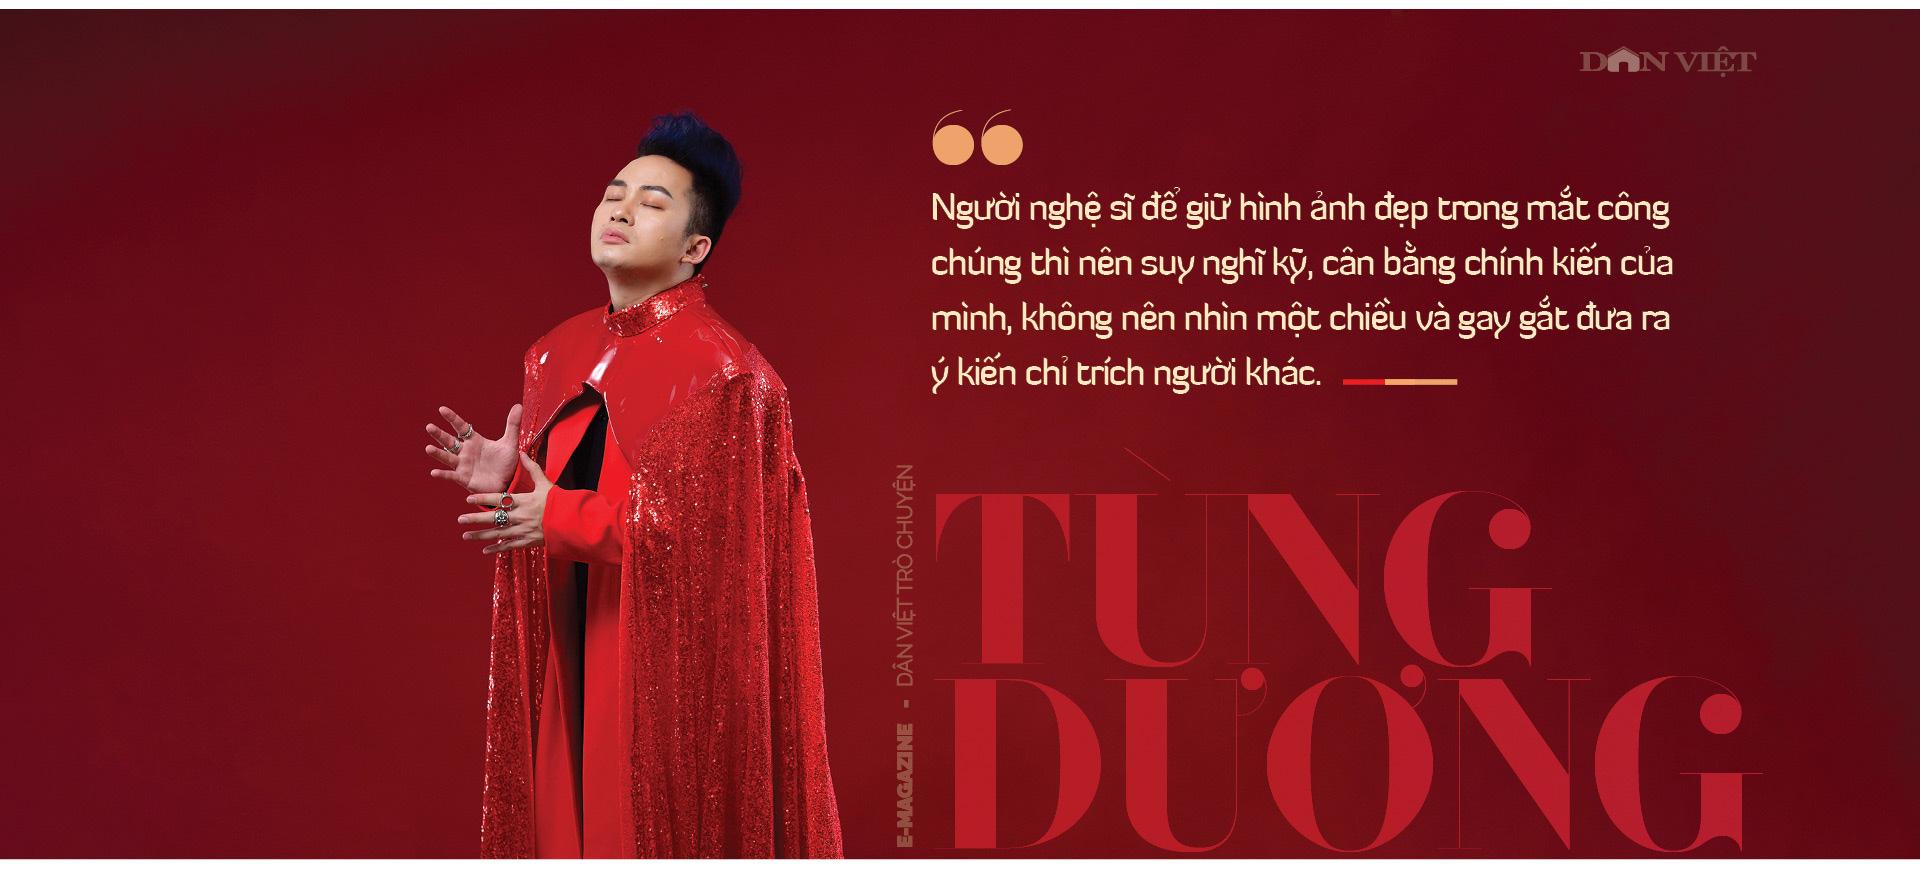 Tùng Dương – Người thắp lửa âm nhạc thử nghiệm và sáng tạo! - Ảnh 4.